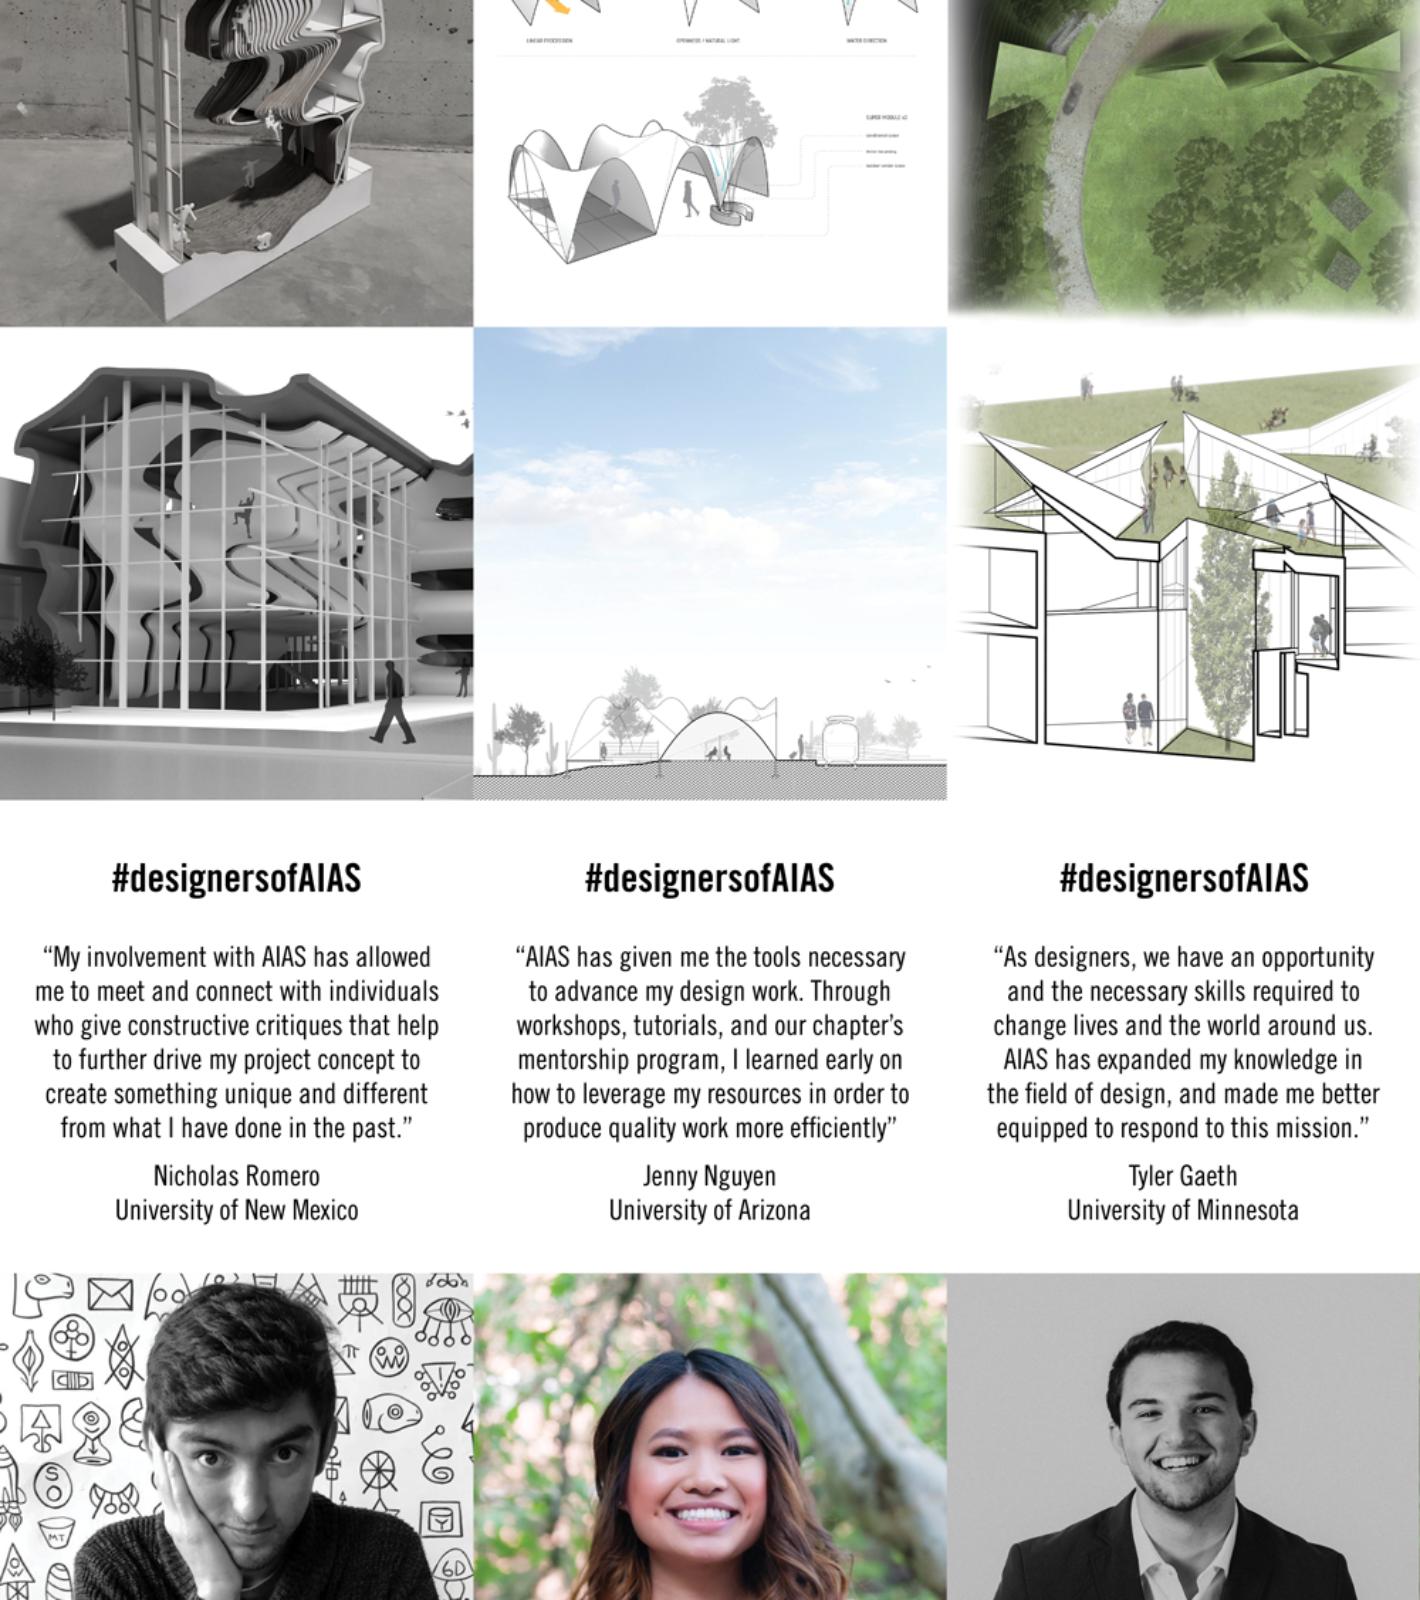 Designers-of-AIAS